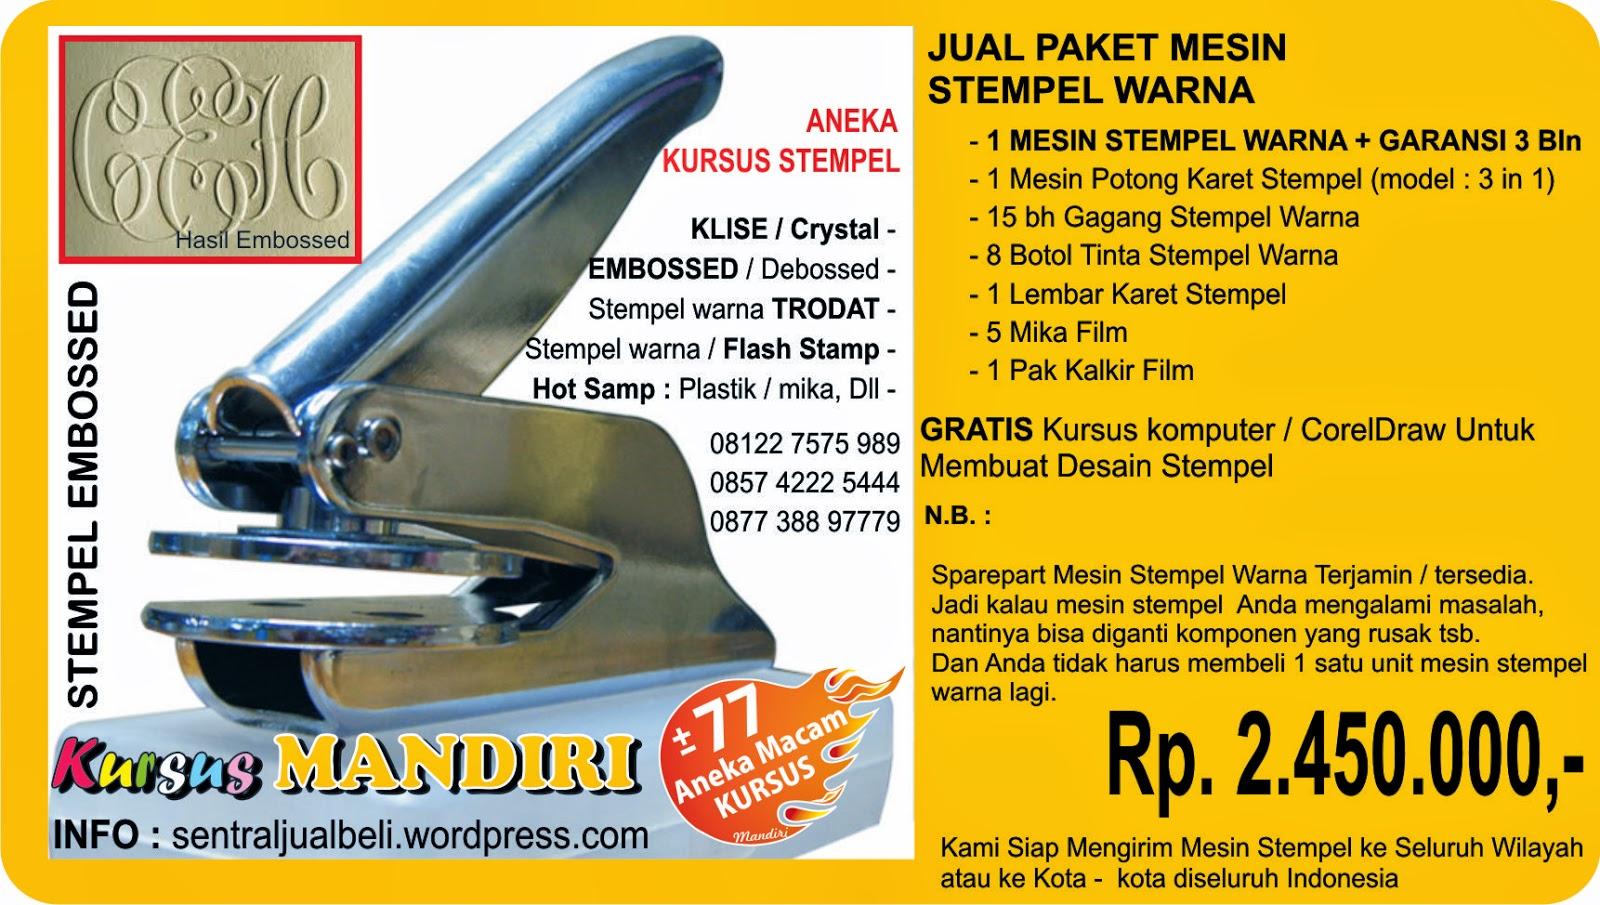 Image Result For Agen Pulsa Murah Dan Tiket Pesawat Bungo